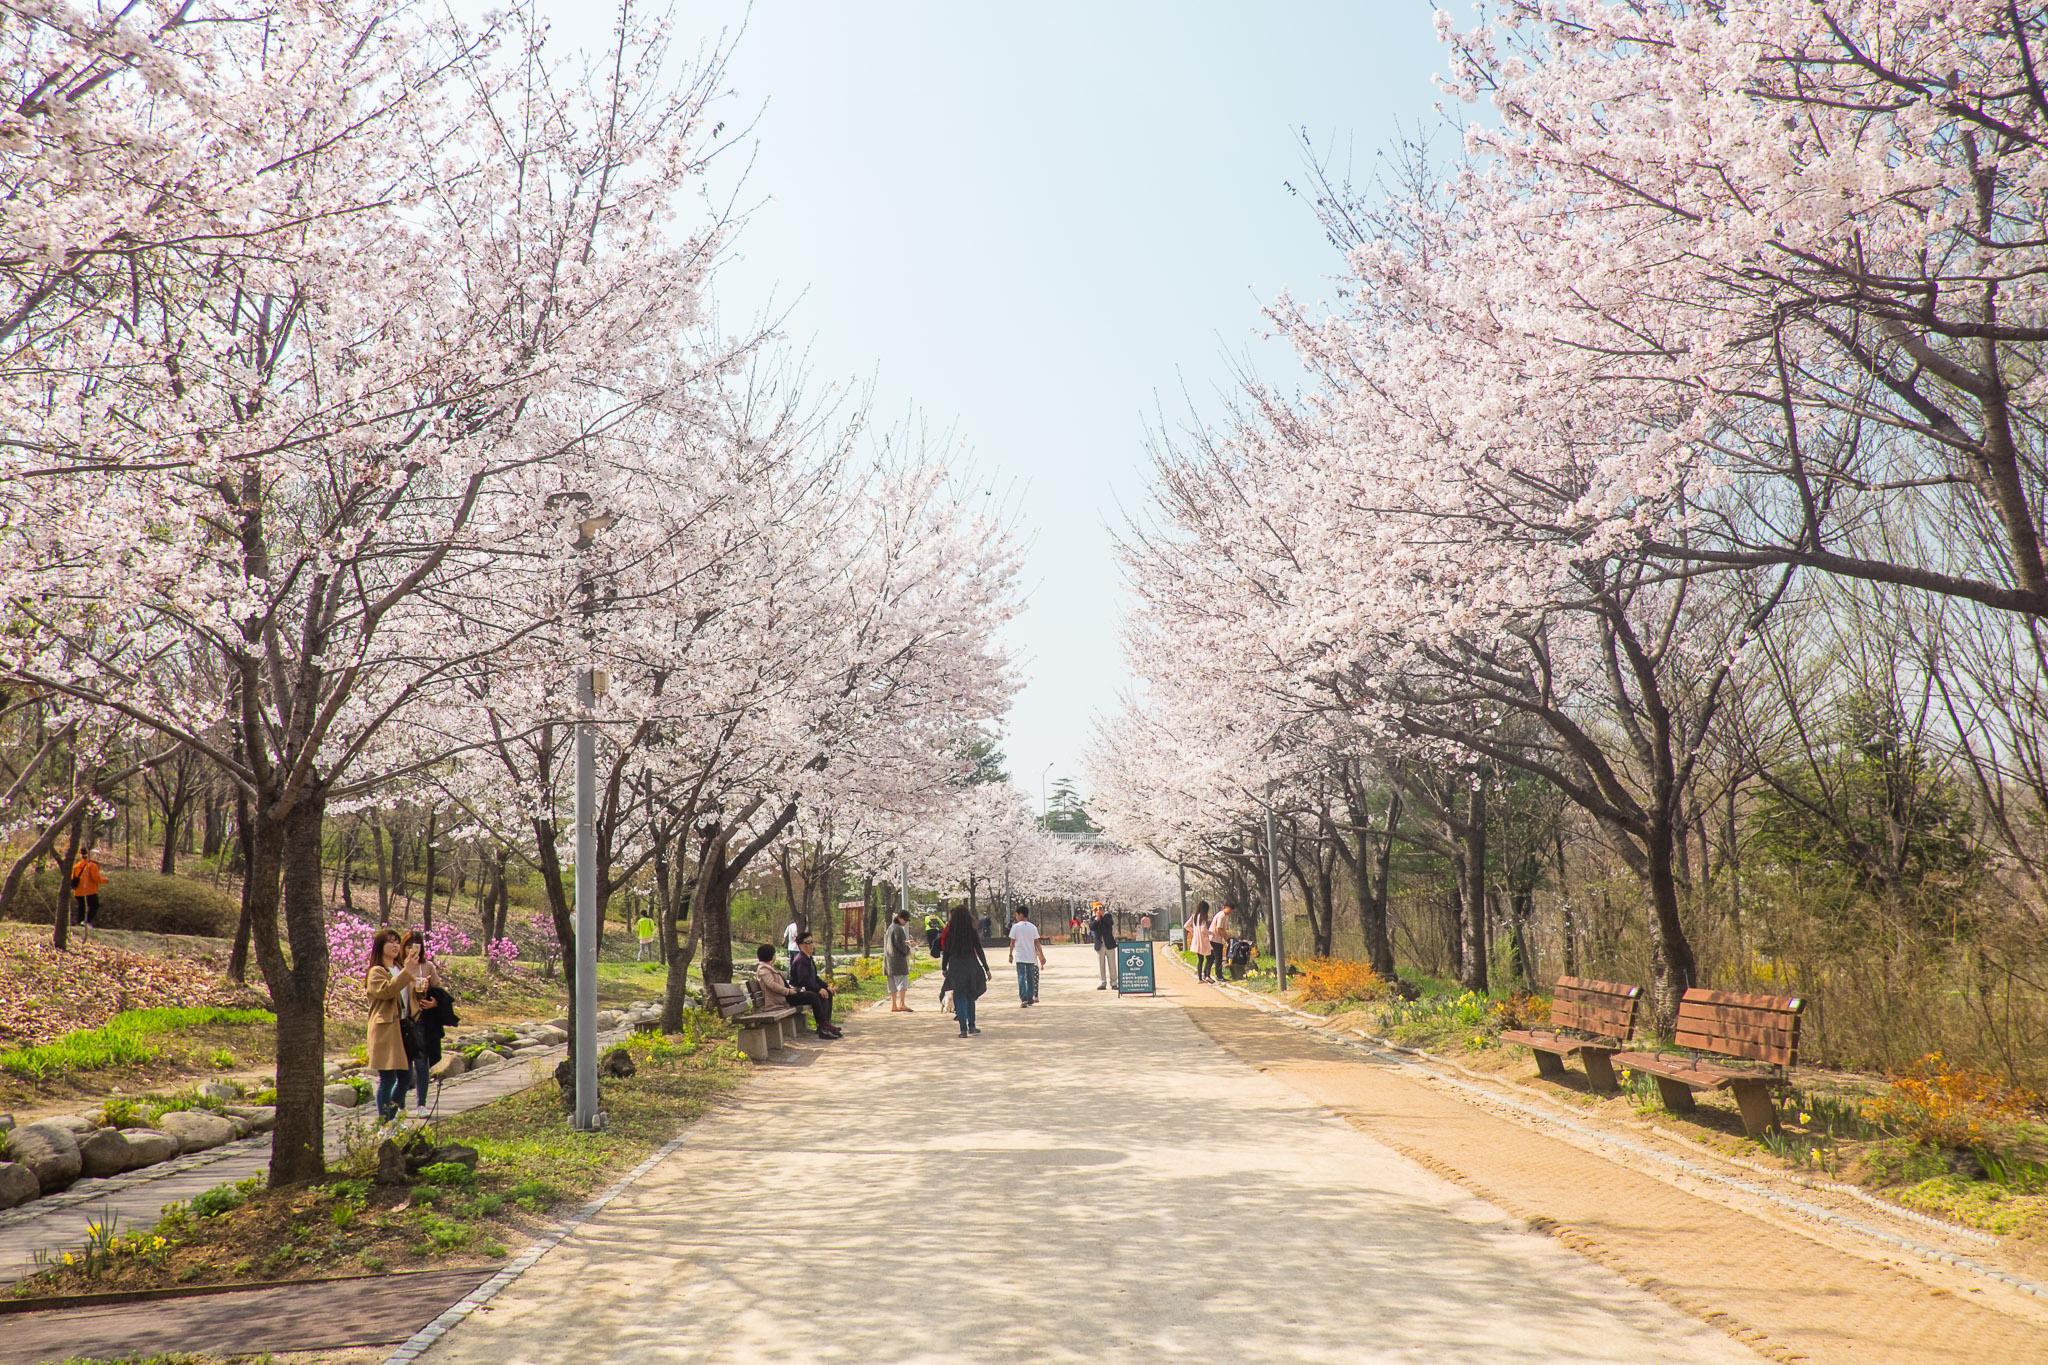 south-korea-seoul-cherry-blossoms-1.jpg